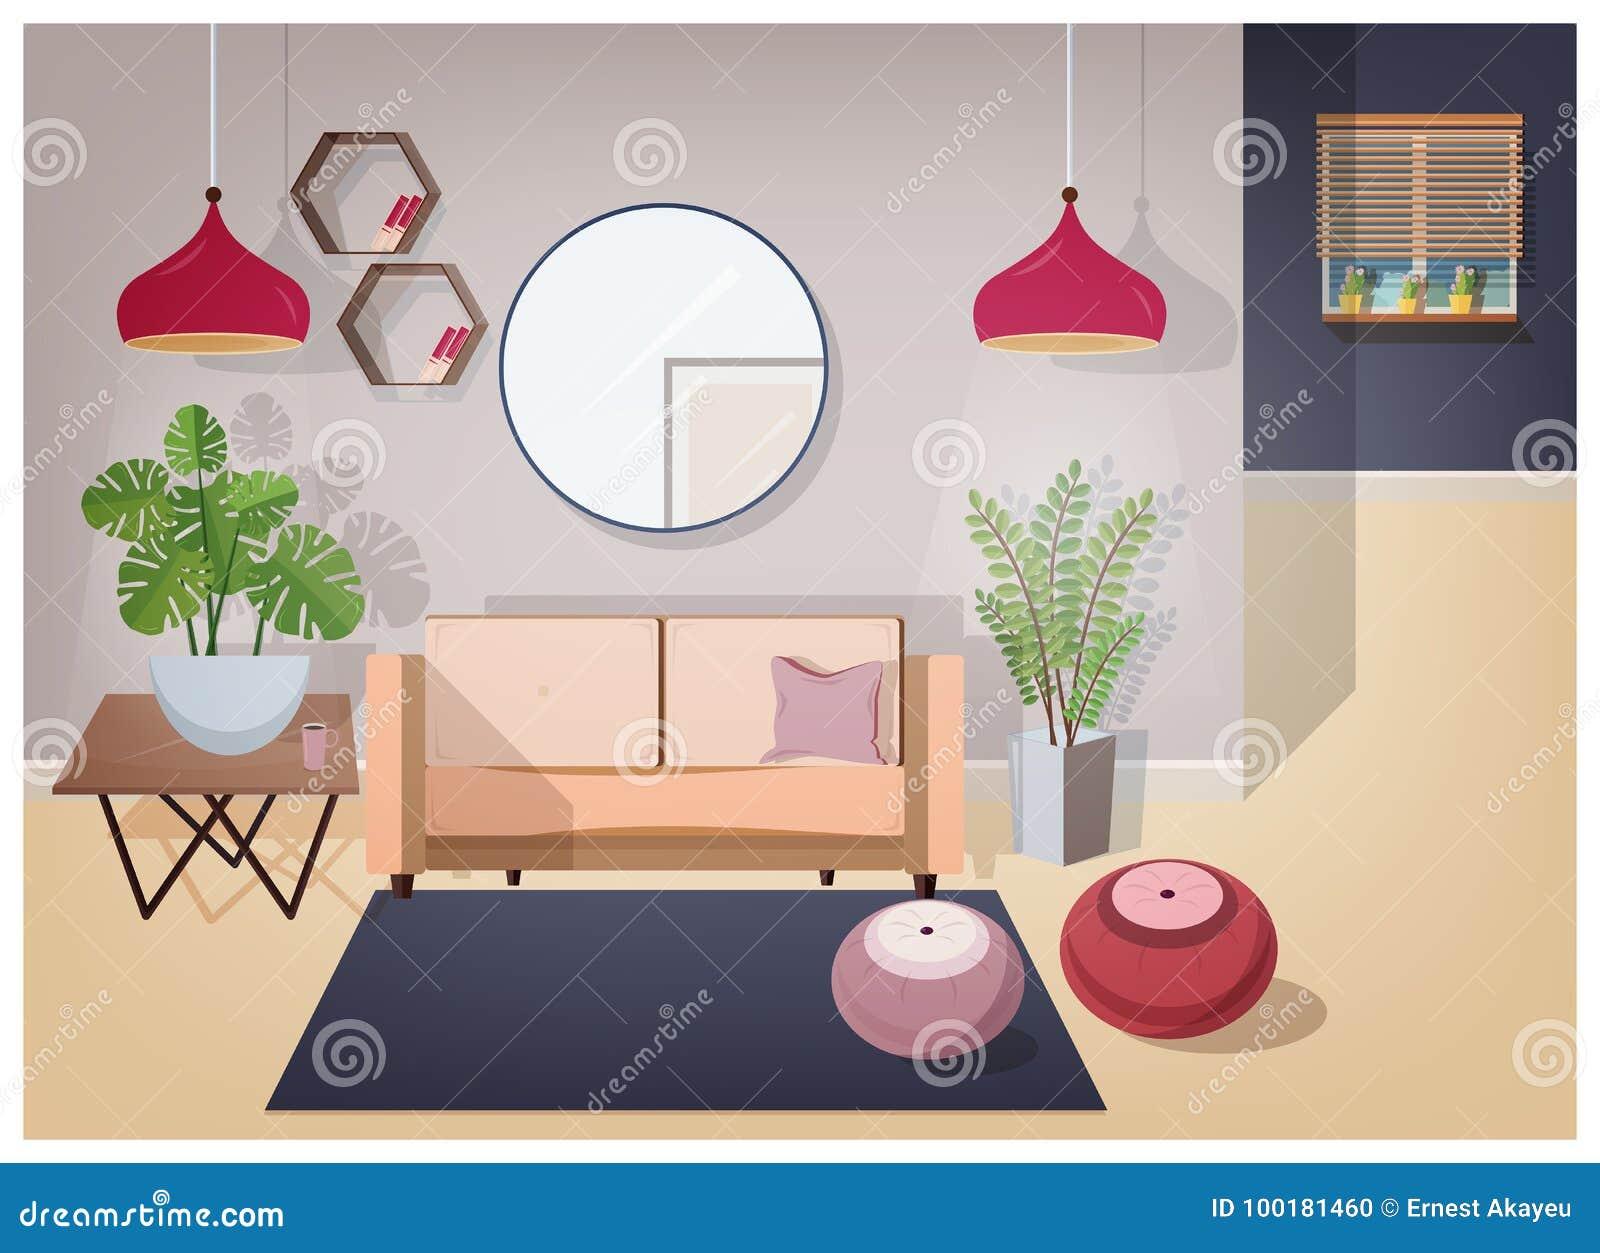 Innenraum des Wohnzimmers geliefert mit stilvollen bequemen Möbeln und Inneneinrichtung - gemütliches Sofa, Couchtisch